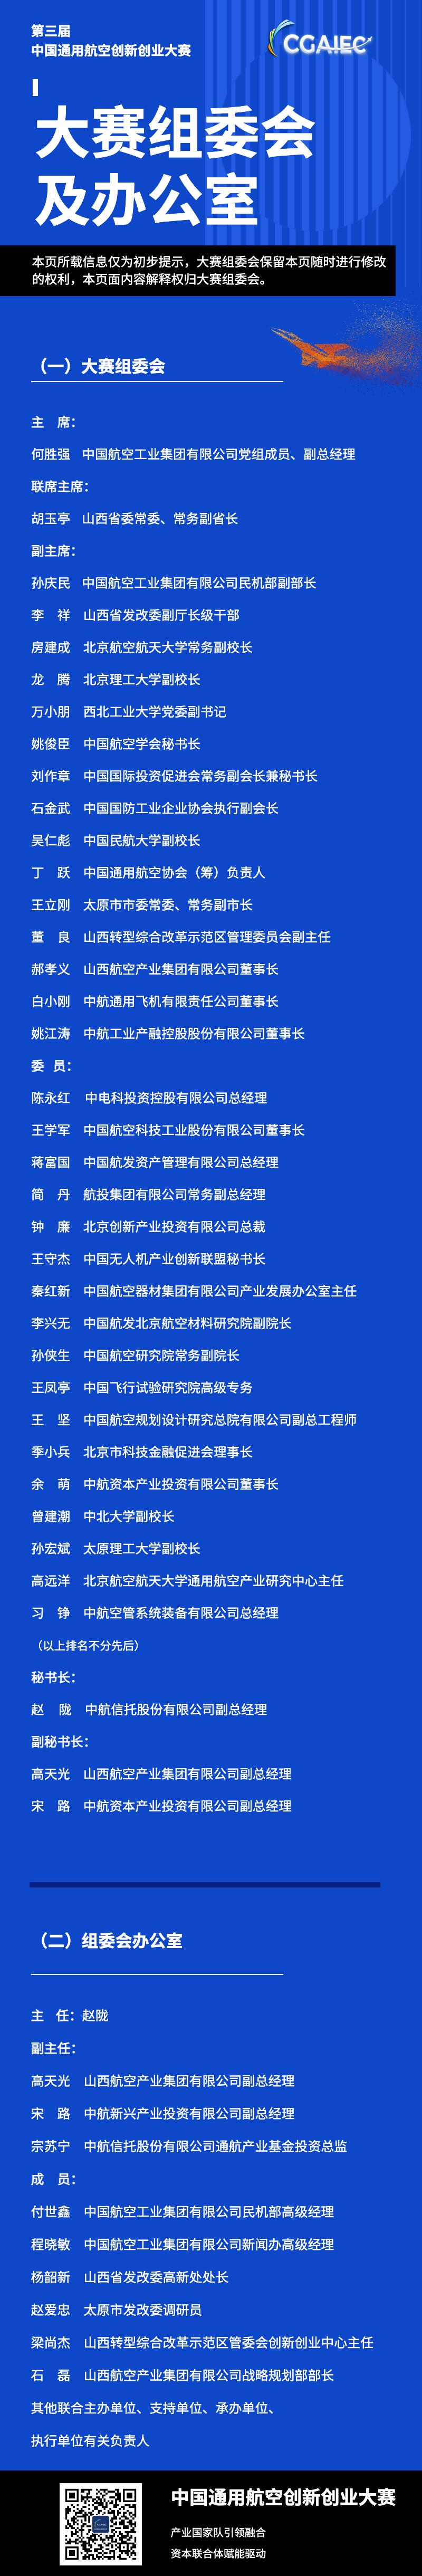 2018中国通用航空创新创业大赛组委会成员图片